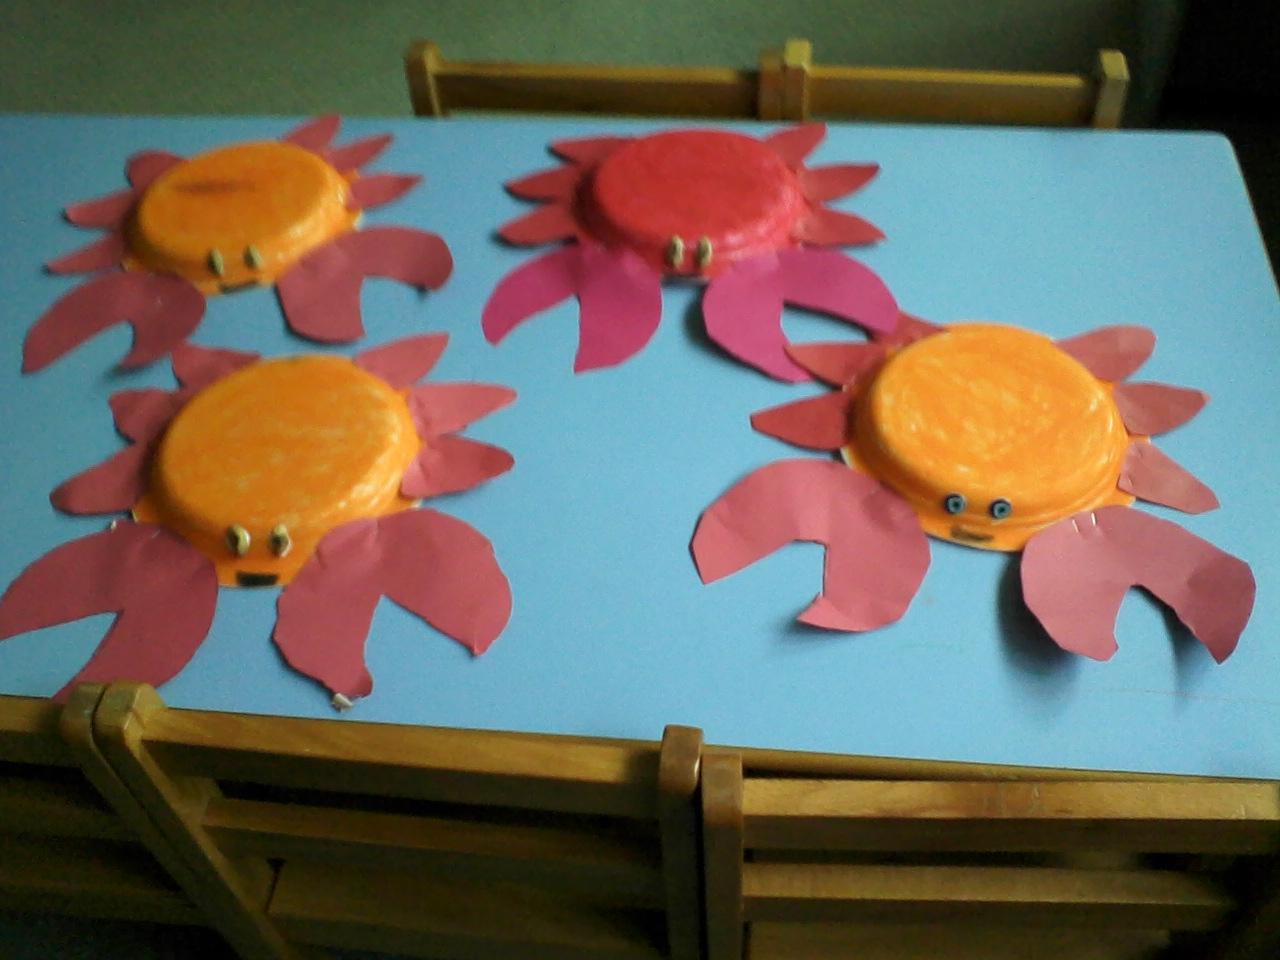 paper plate crab craft idea for preschoolers